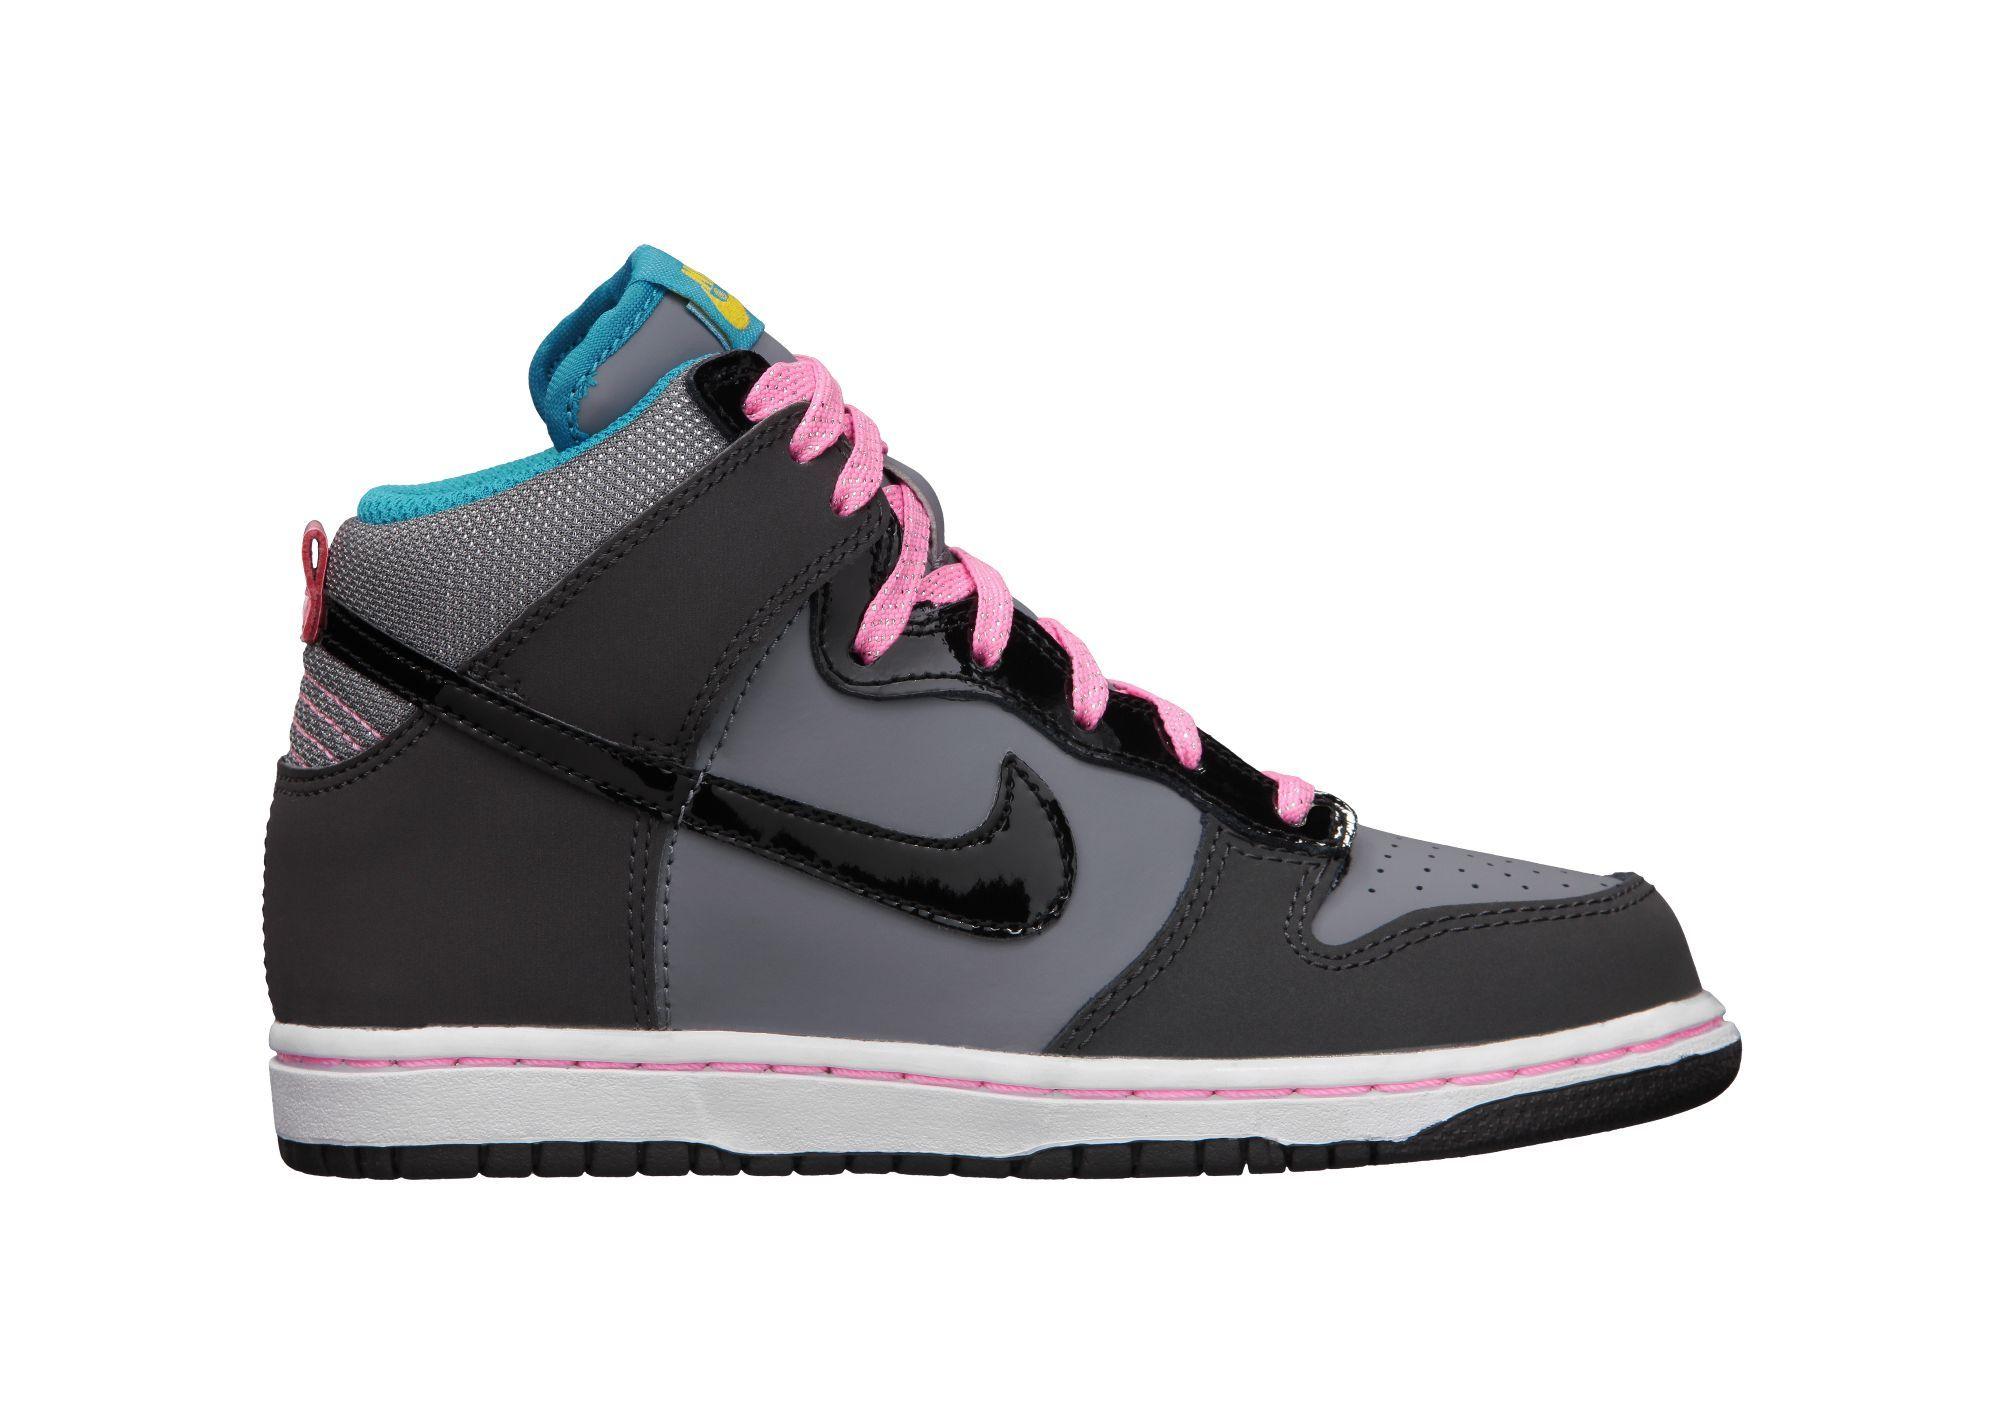 009 Nike 35y 7y a Meisjesschoen Shoes 380647 Dunk Fab High rPqPvwUY